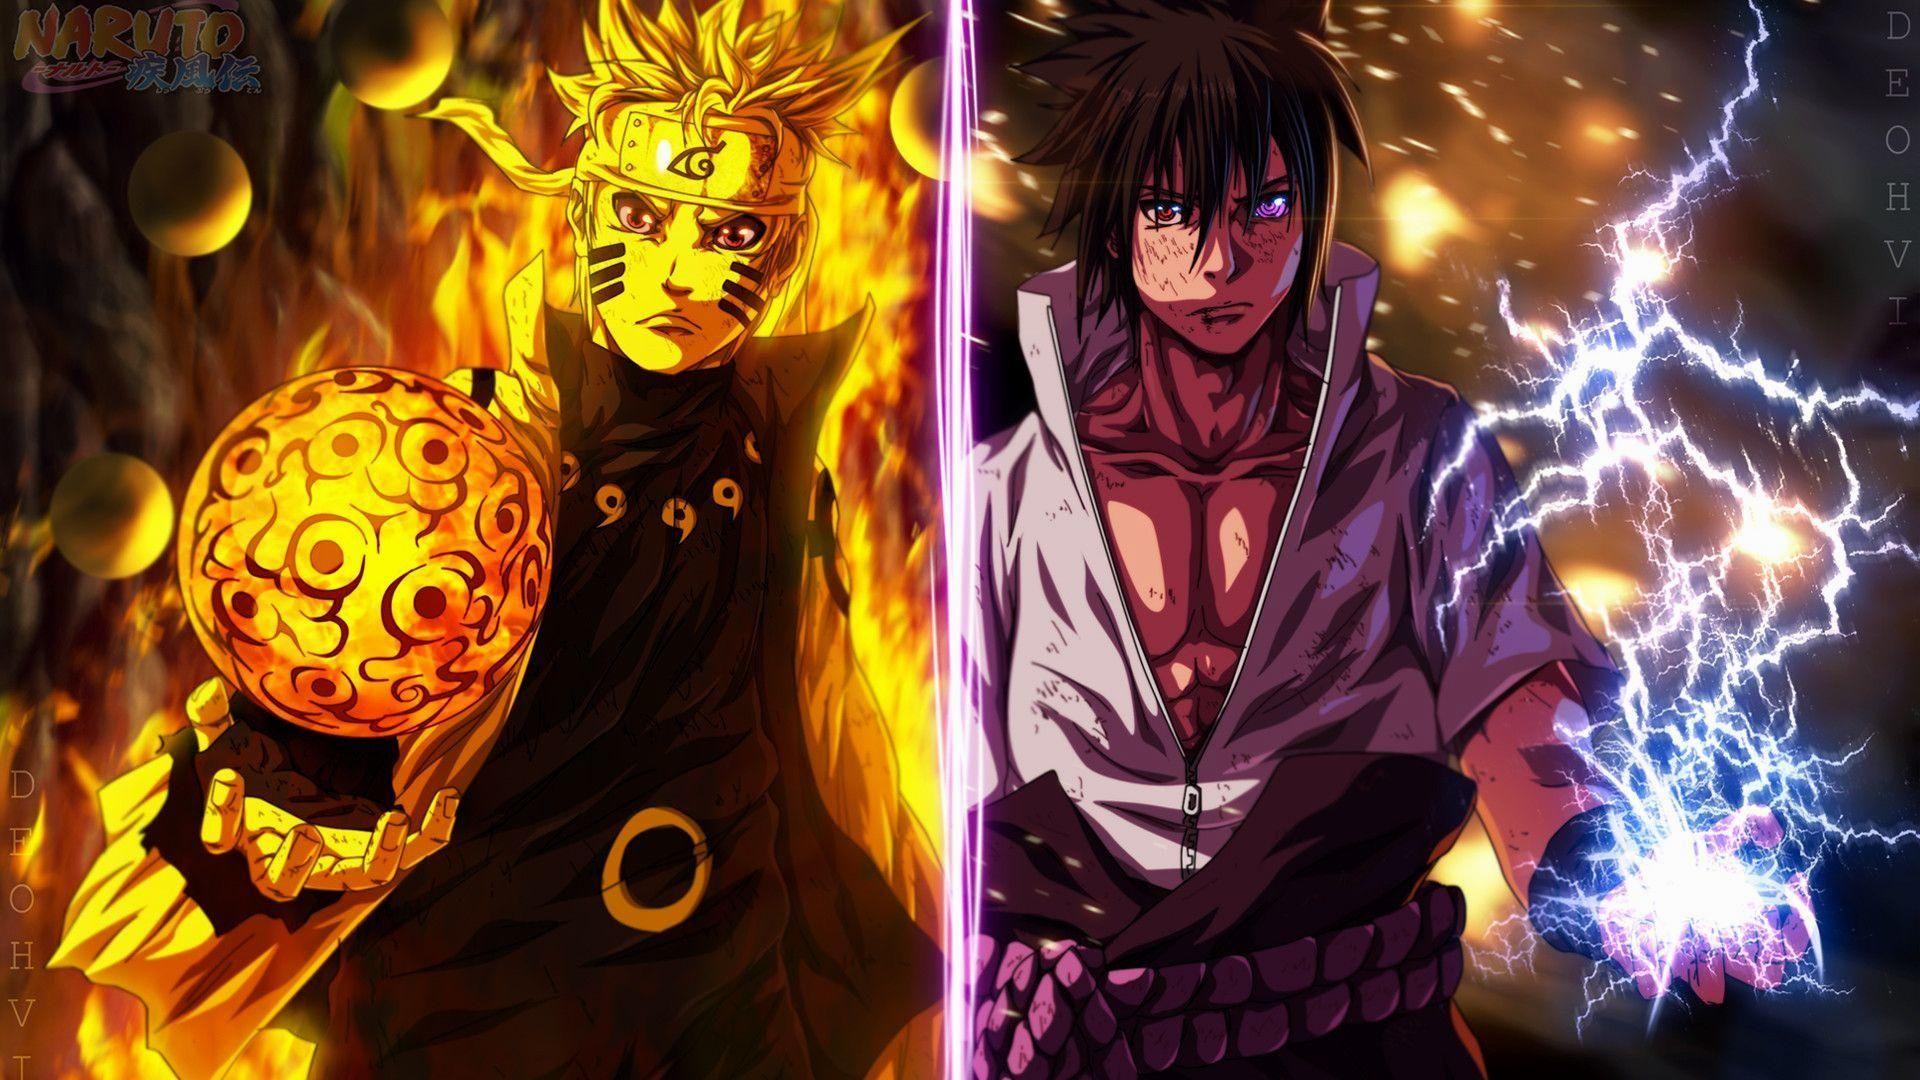 Naruto Wallpaper Hd, Wallpaper Theme